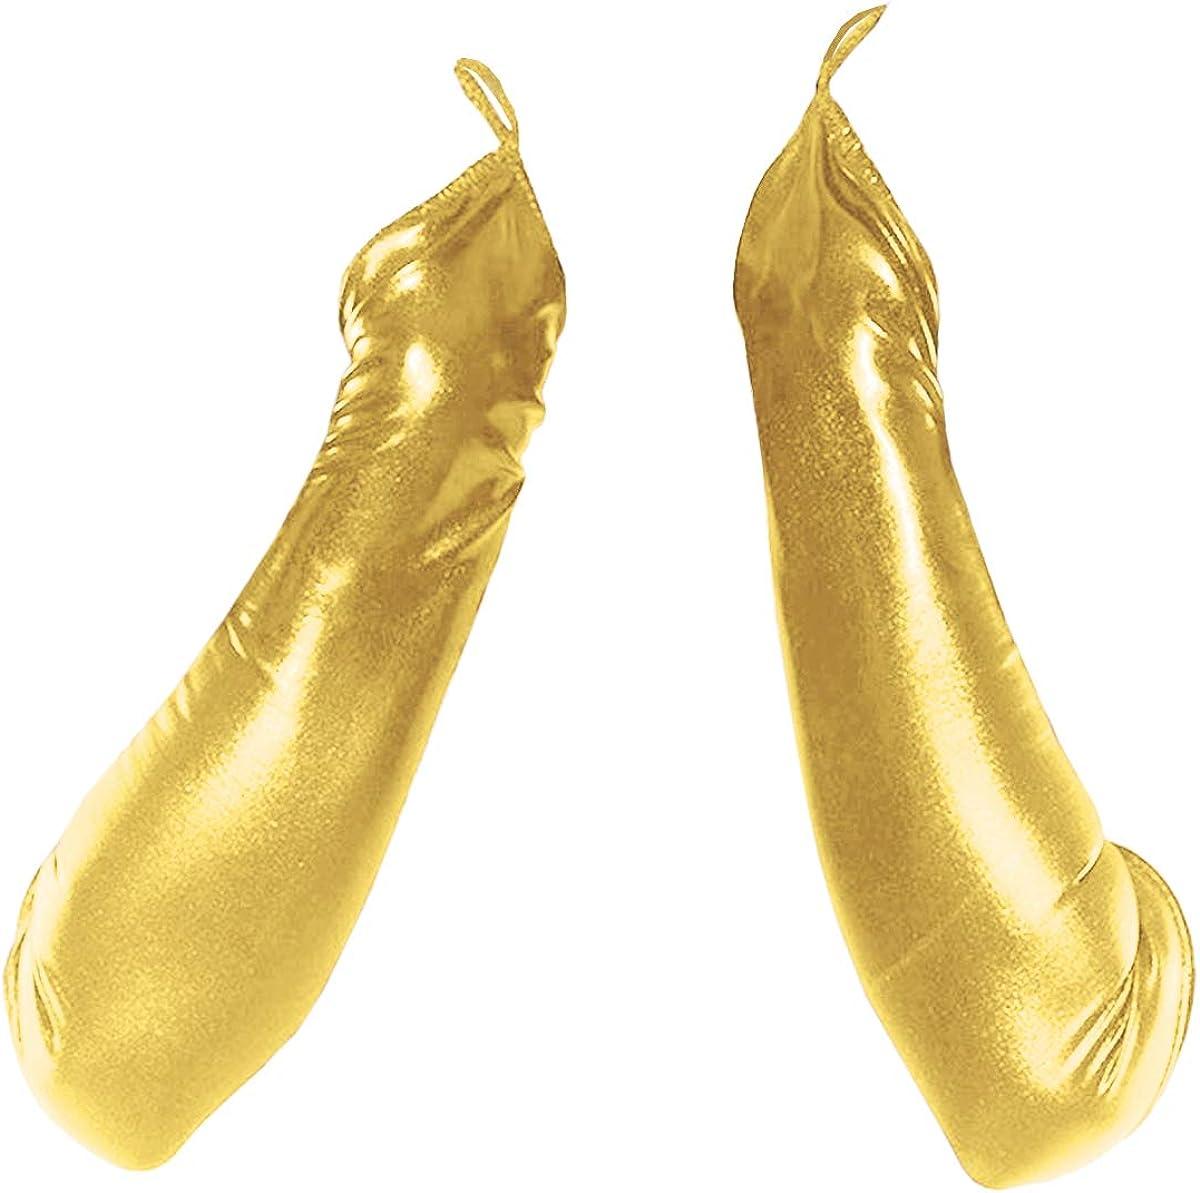 La moriposa Women Sexy Long Fingerless Gloves Wet Look